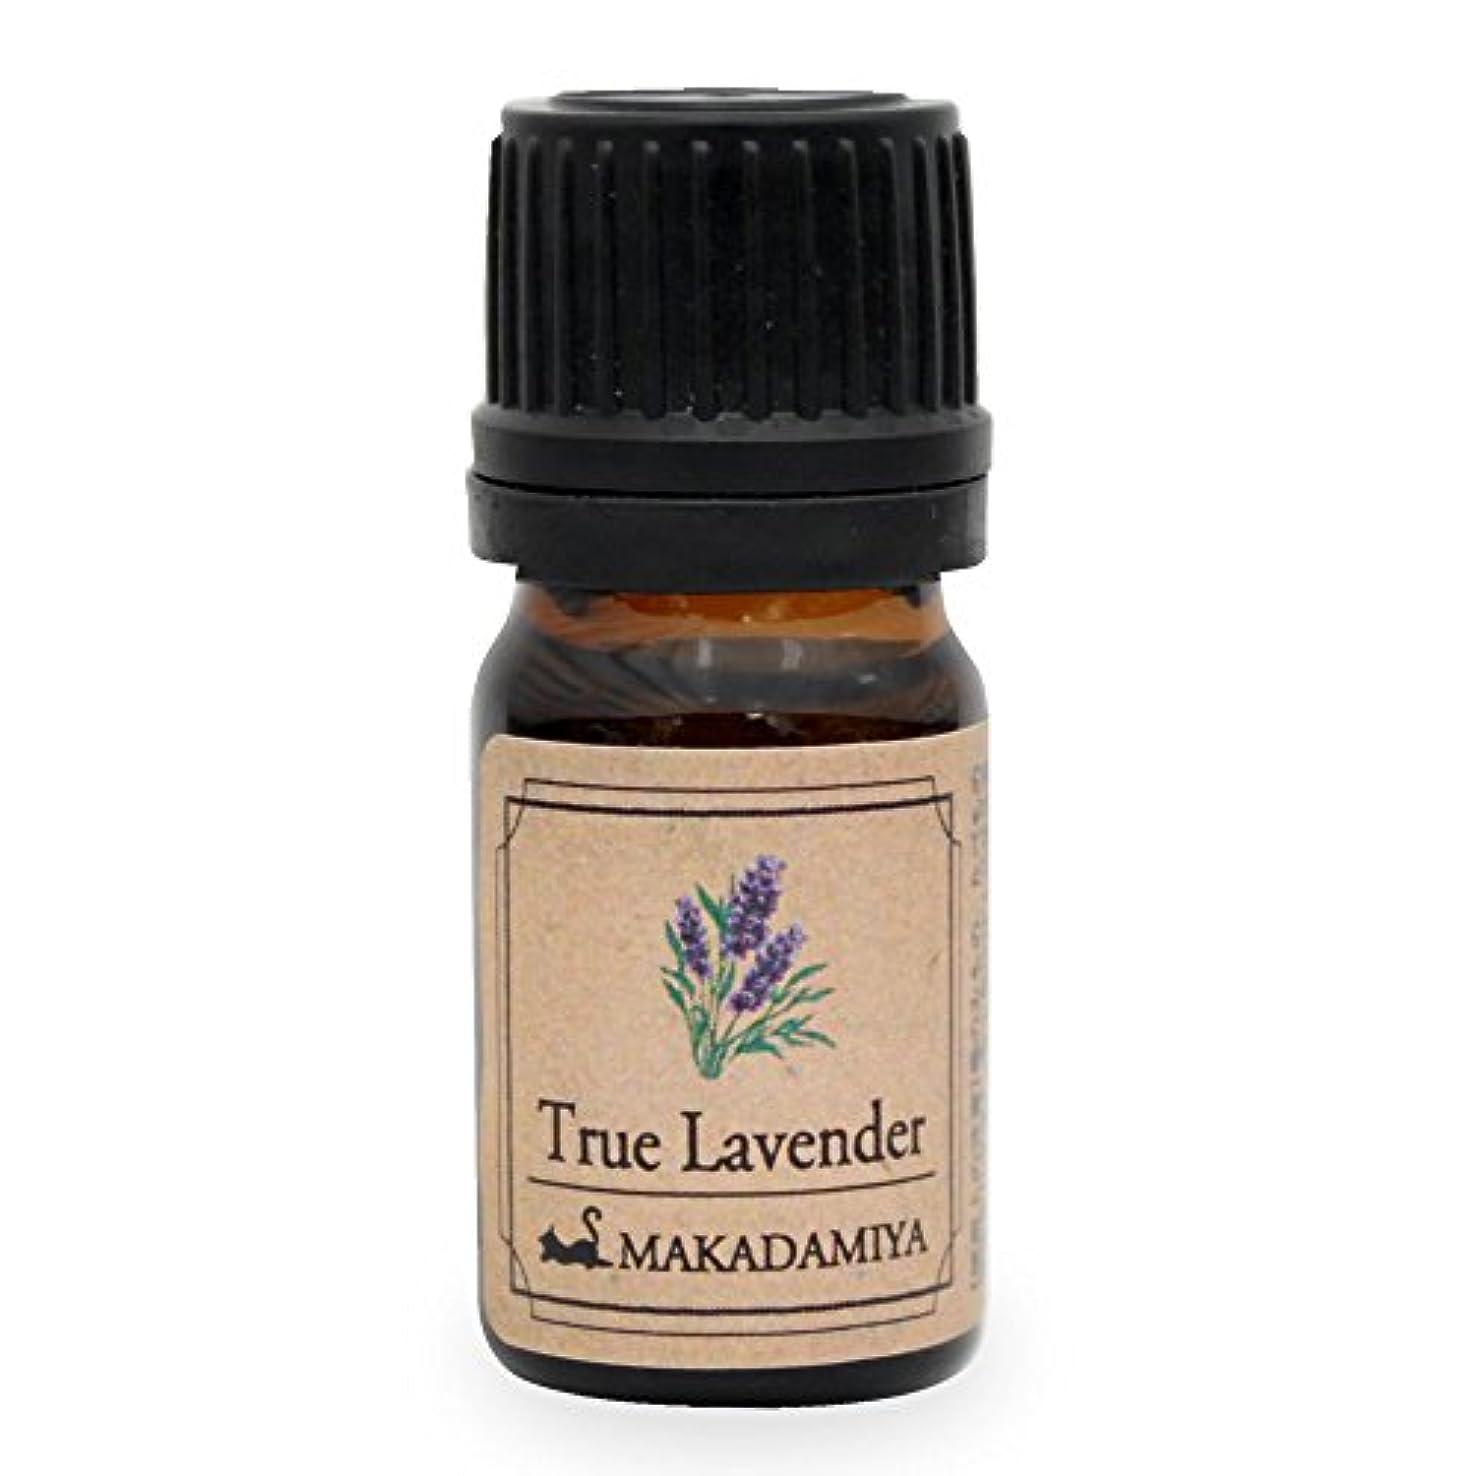 ポールオアシス処理する真正ラベンダー5ml 天然100%植物性 エッセンシャルオイル(精油) アロマオイル アロママッサージ aroma TrueLavender